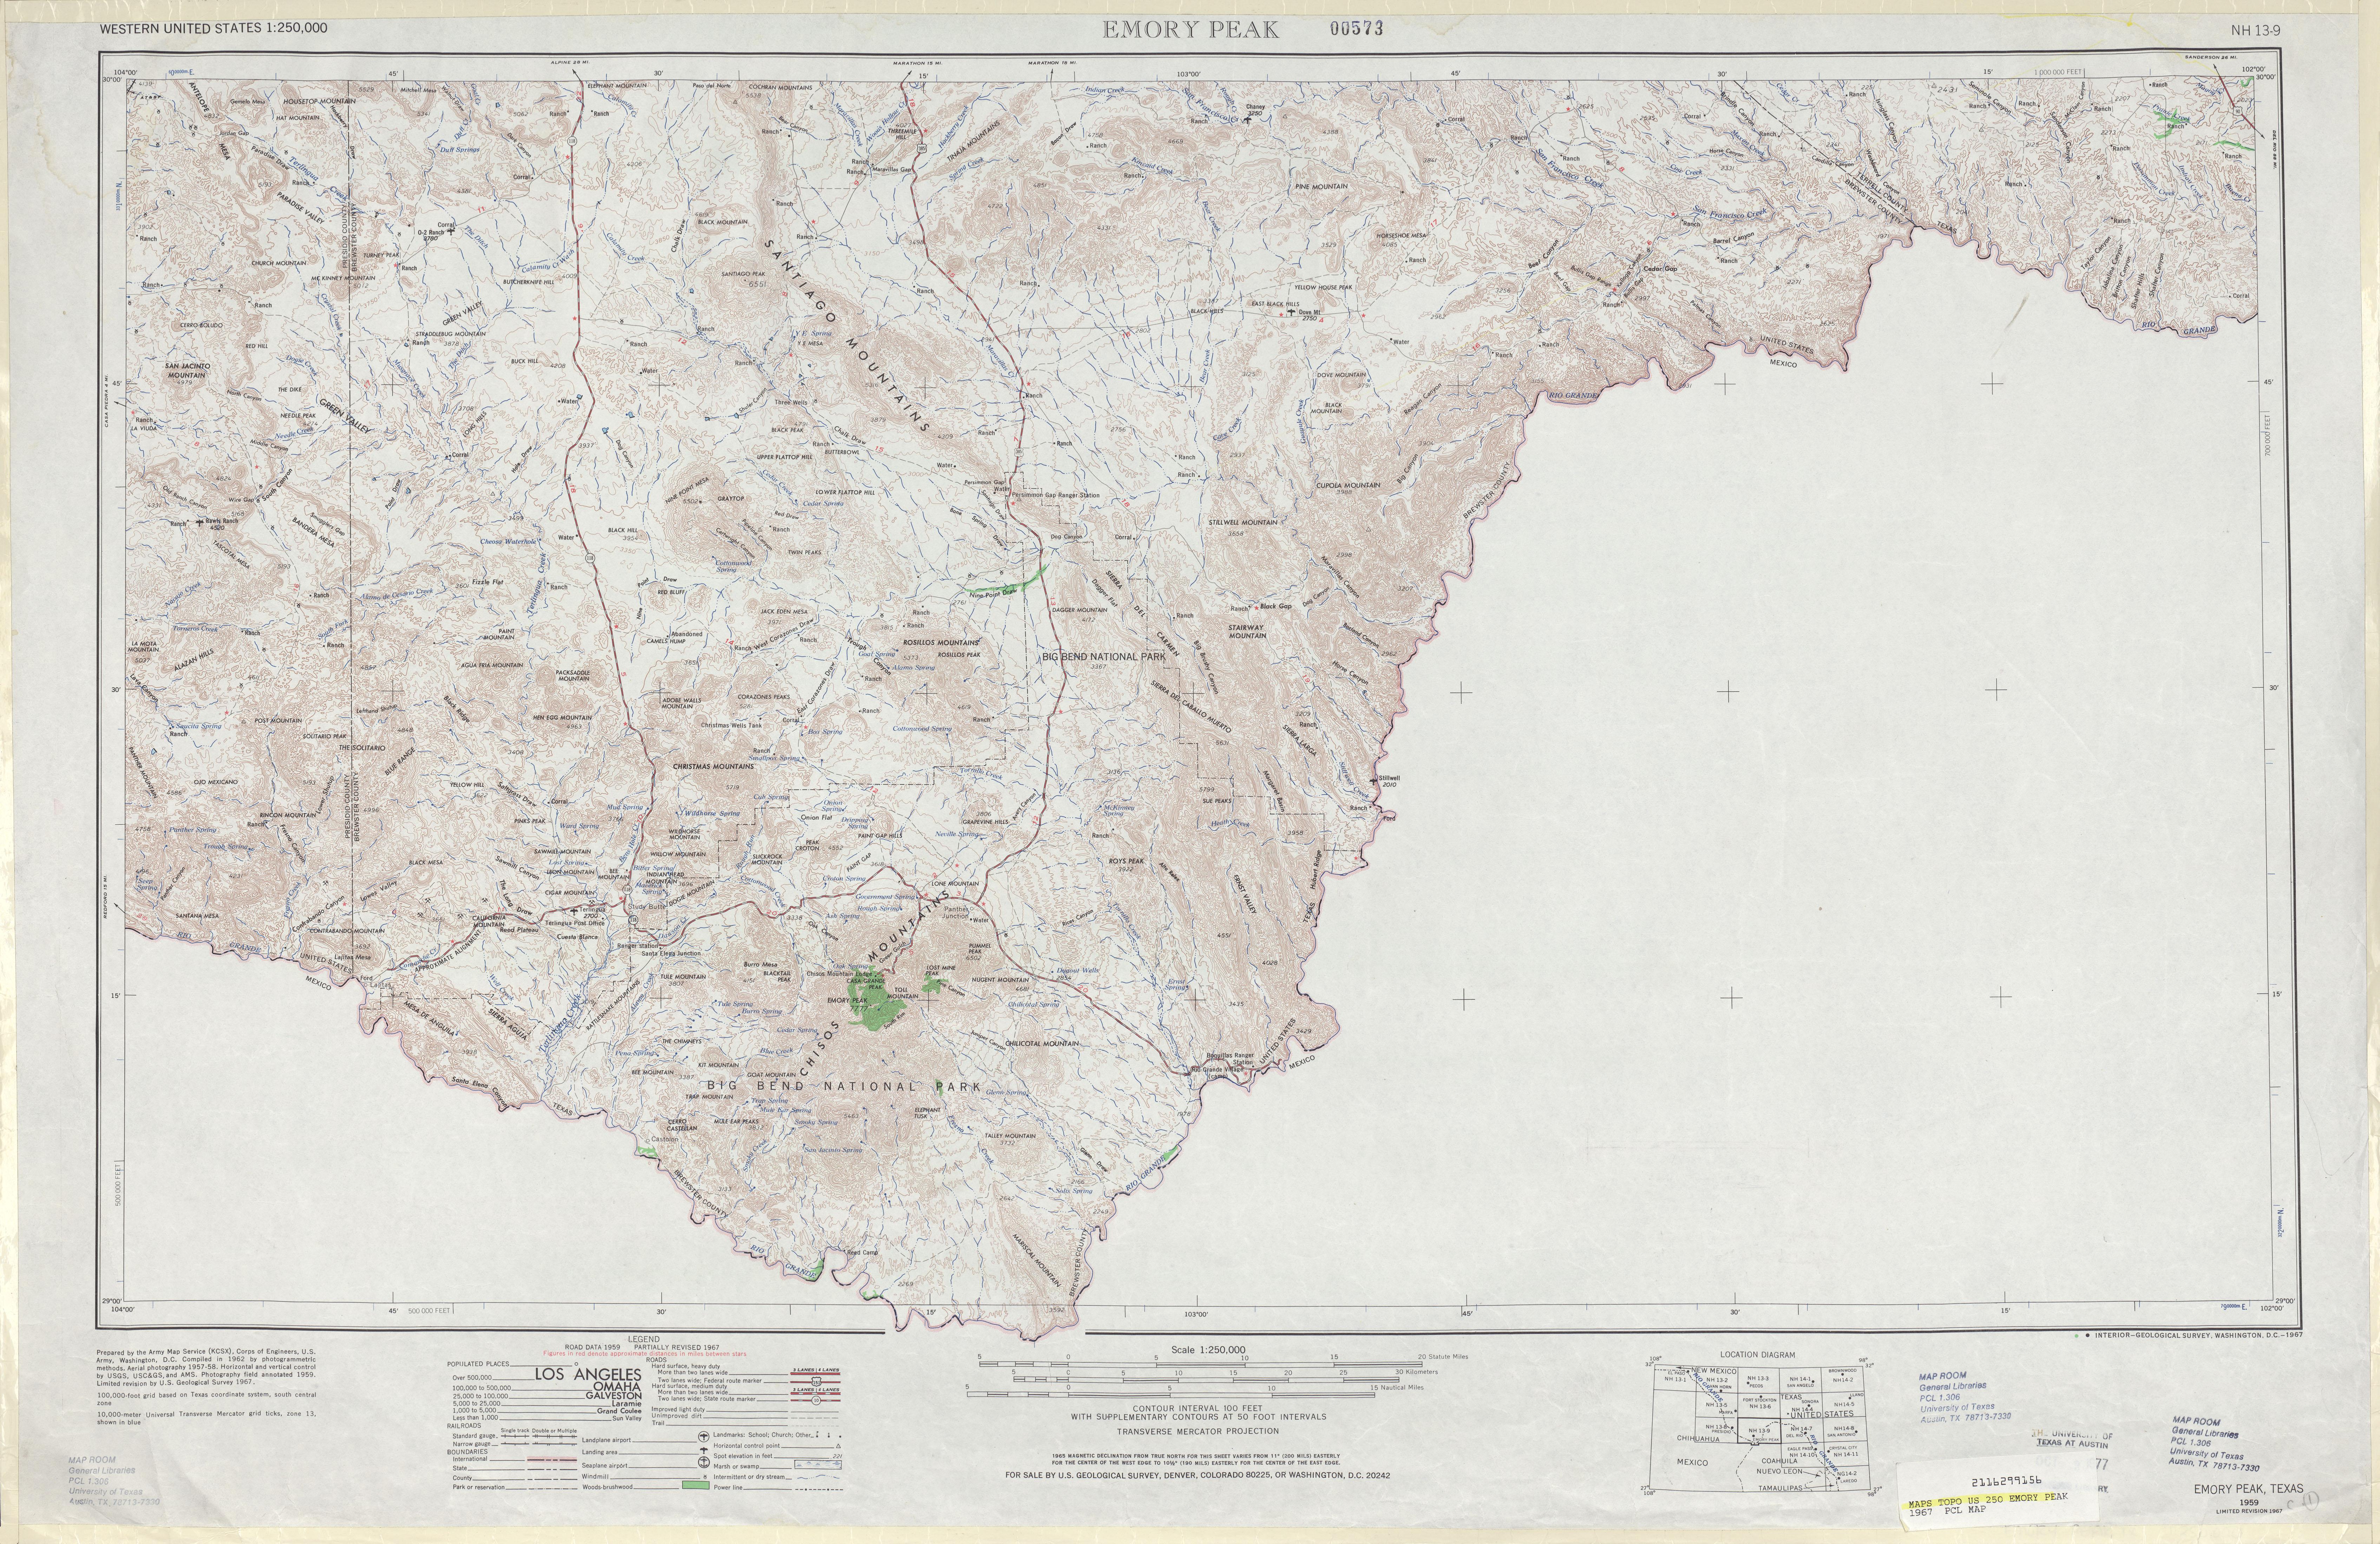 Hoja Emory Peak del Mapa Topográfico de los Estados Unidos 1967